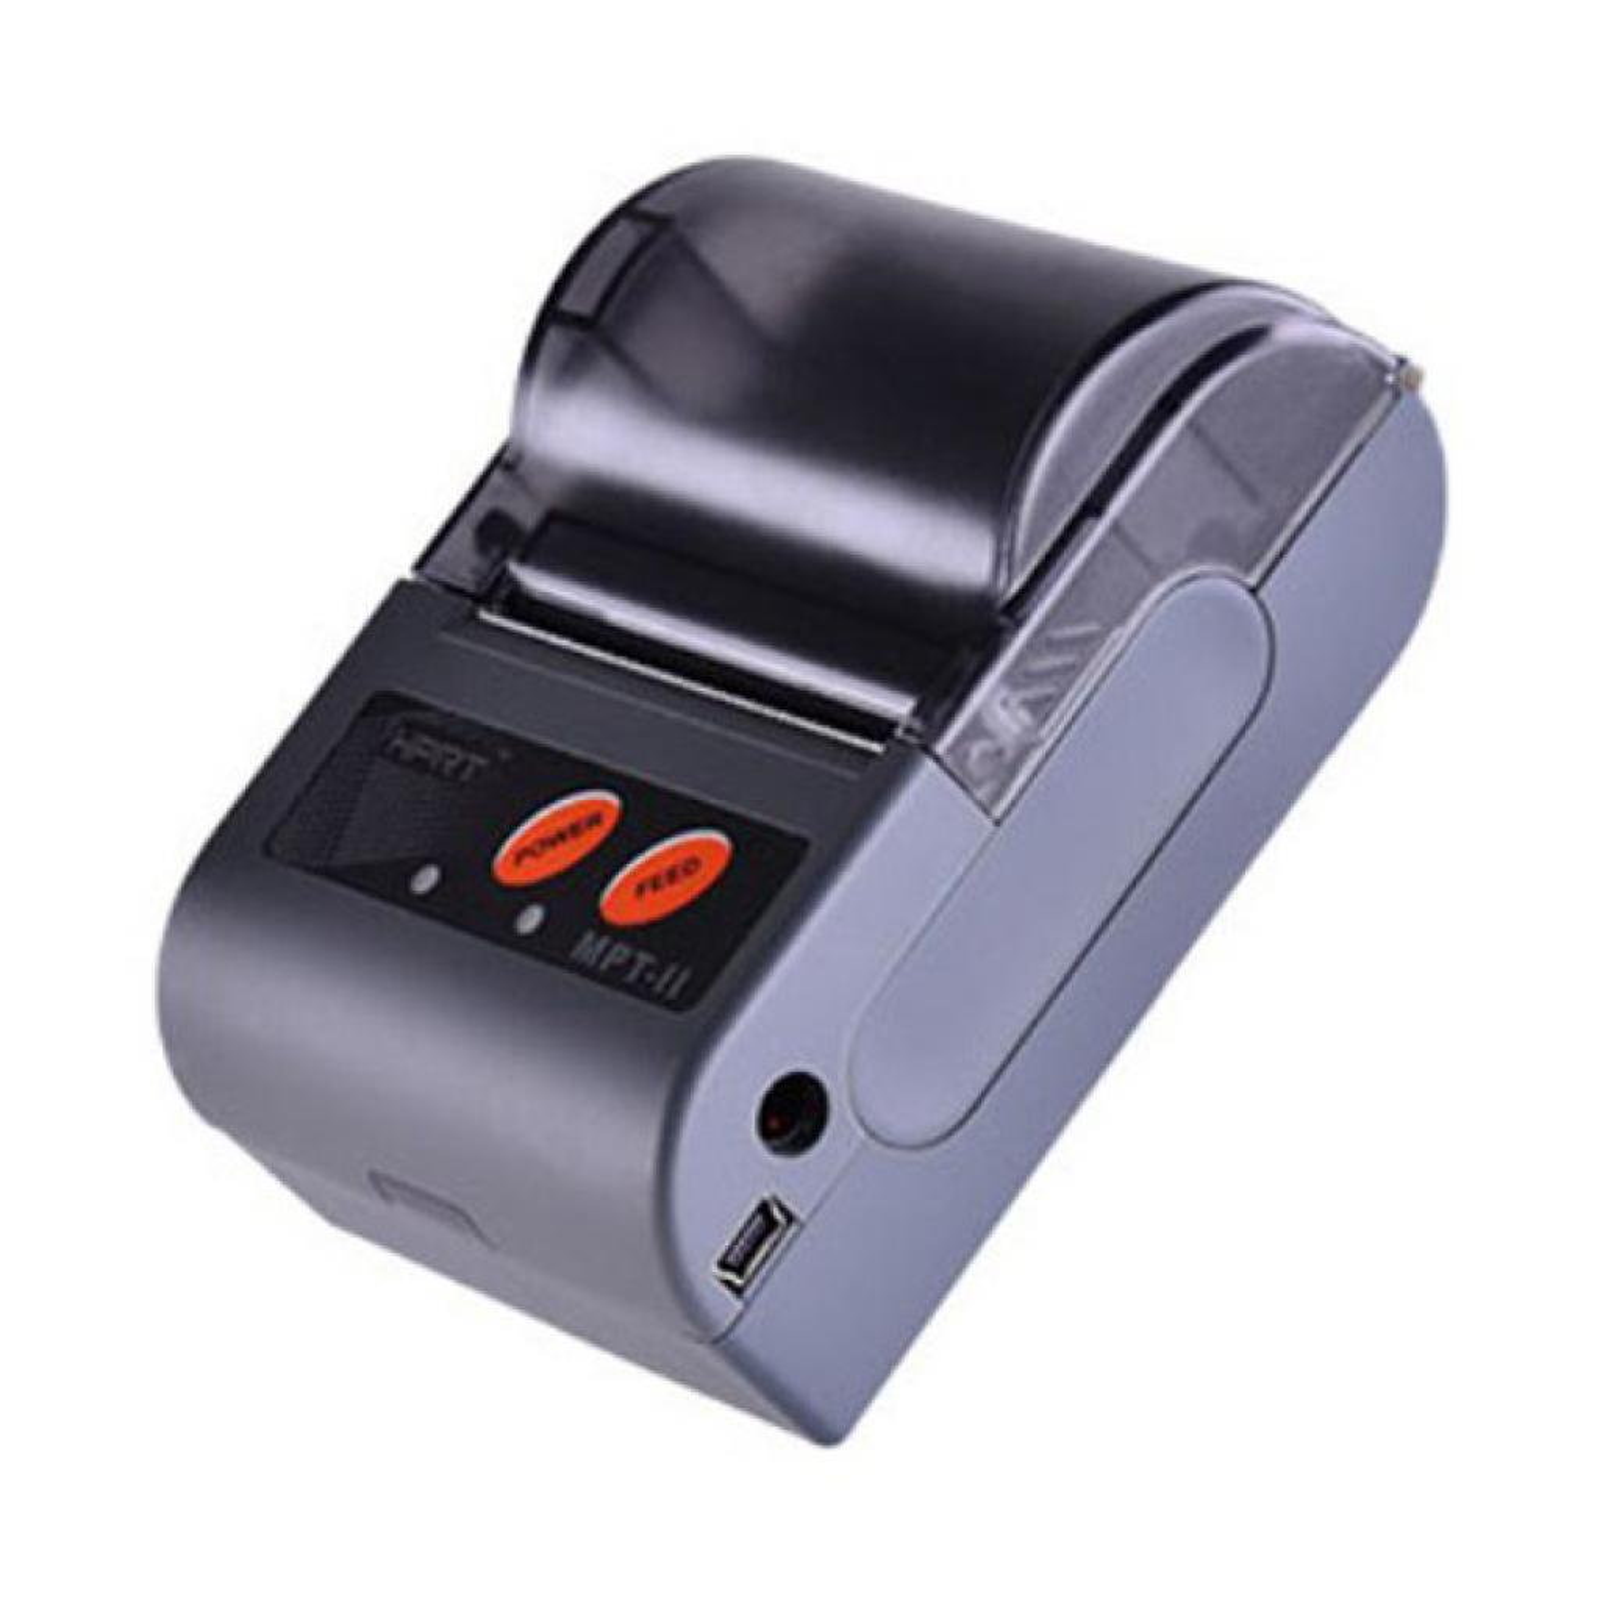 Принтер чеков Rongta RPP-02 (9722) изображение 2